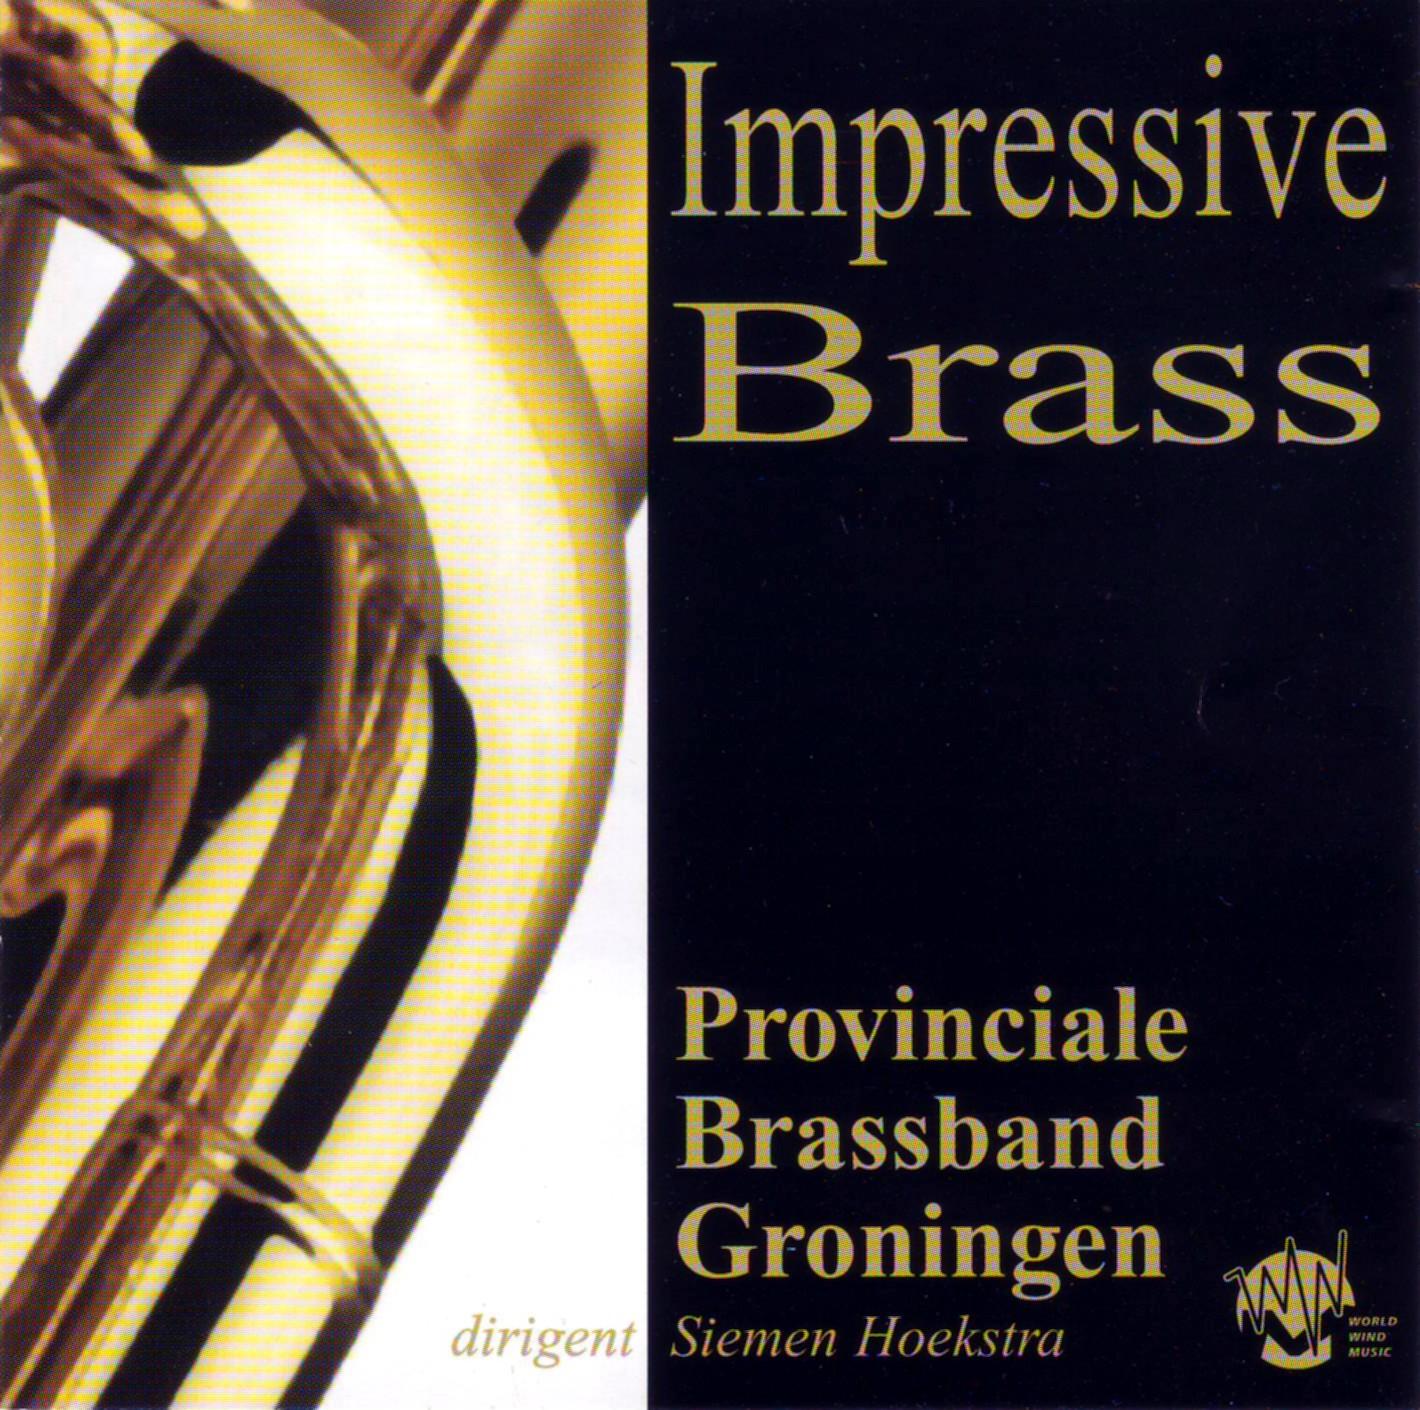 Impressive Brass